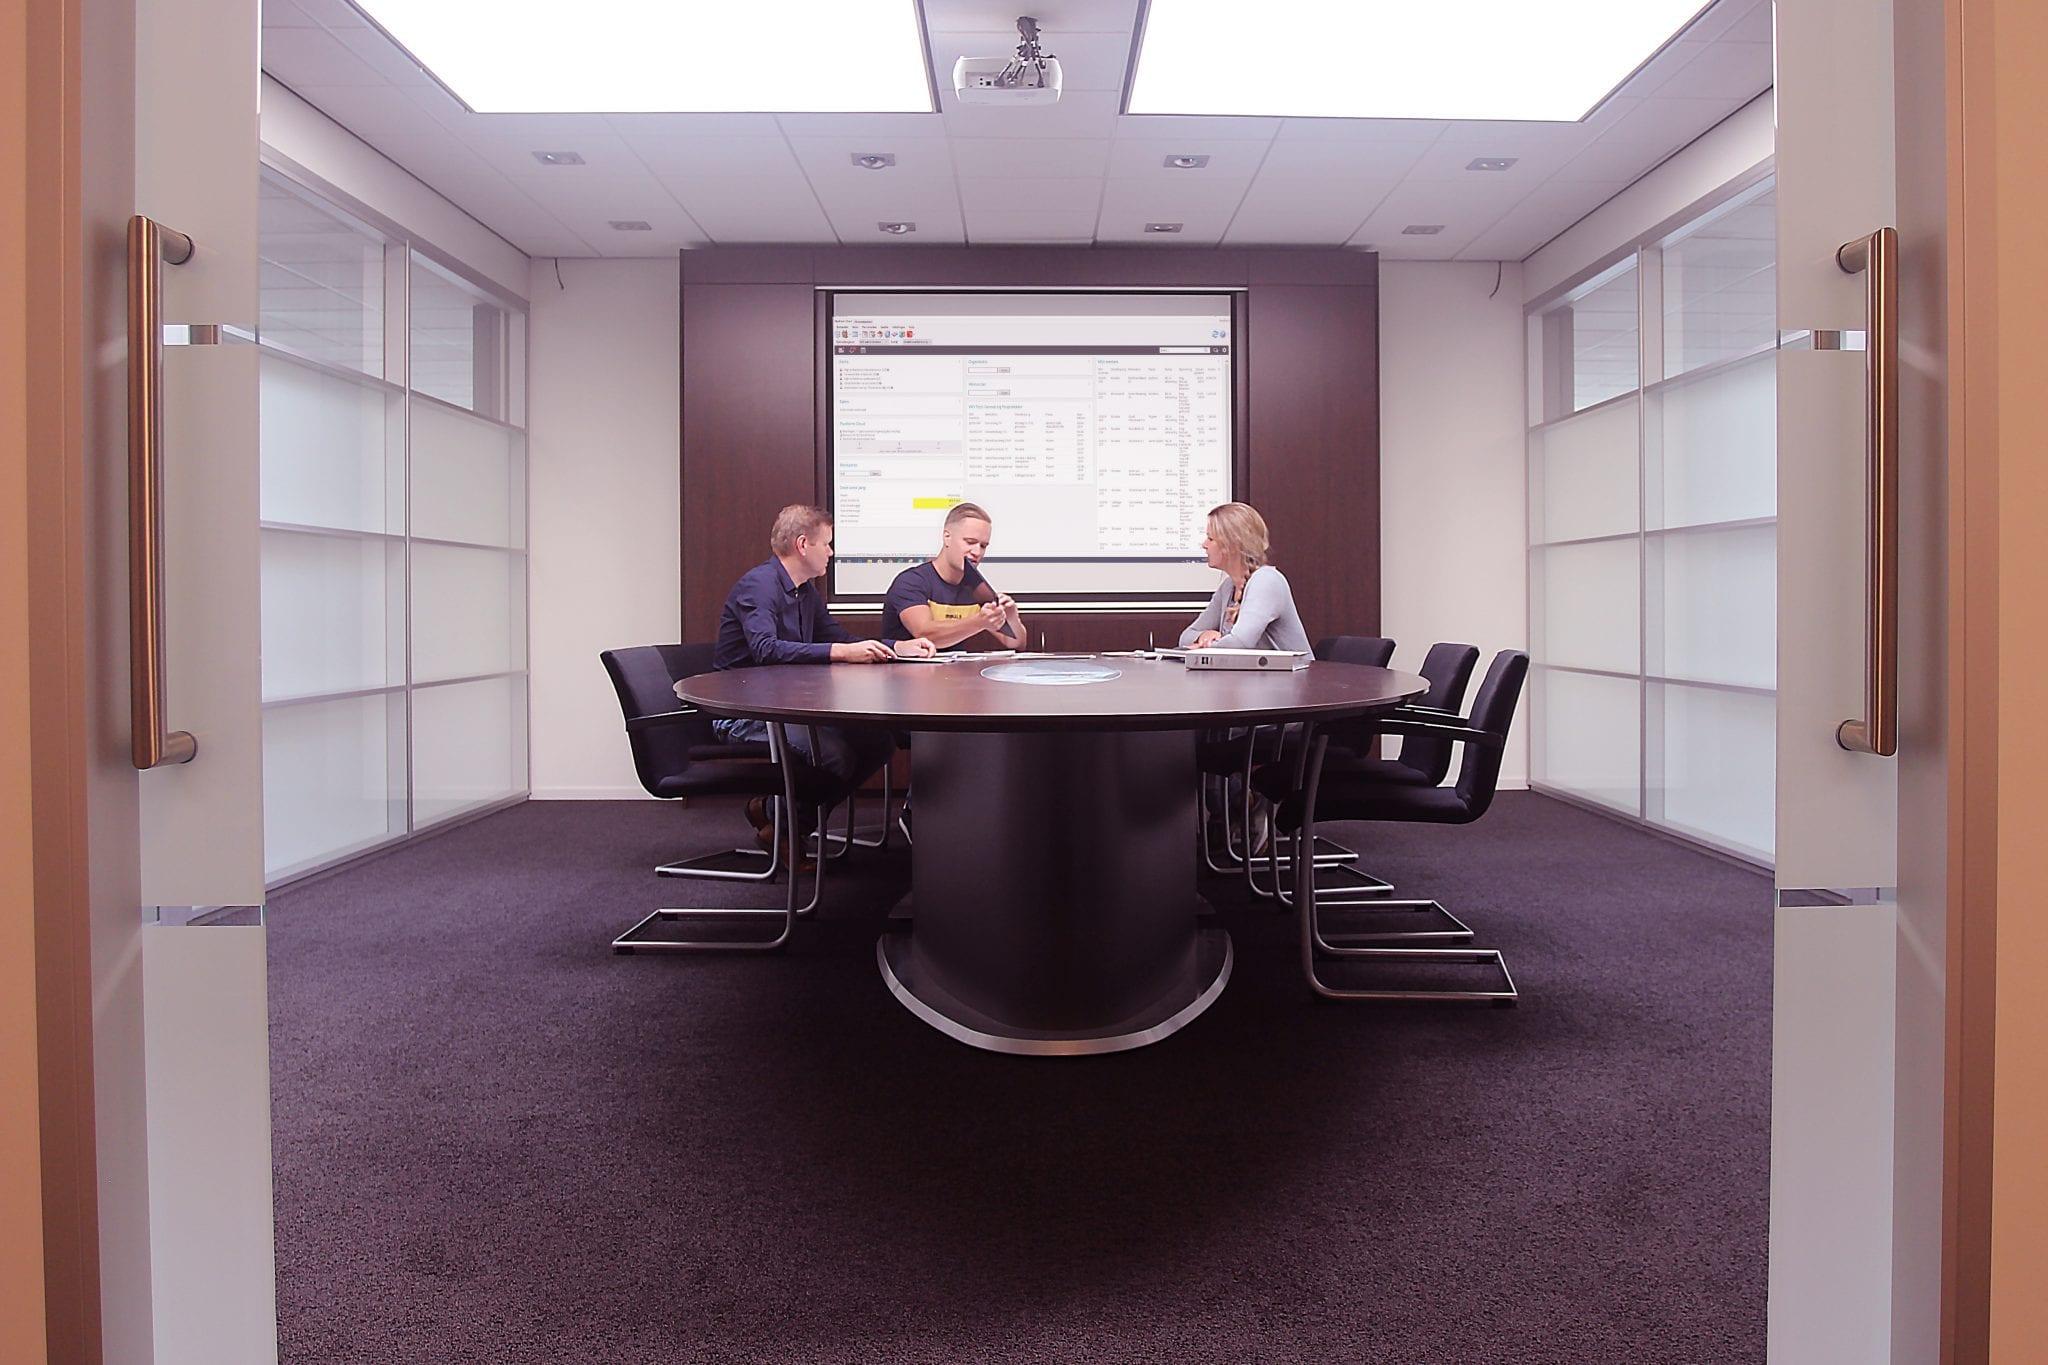 spreekkamer 3 - onderhoud service spectrum